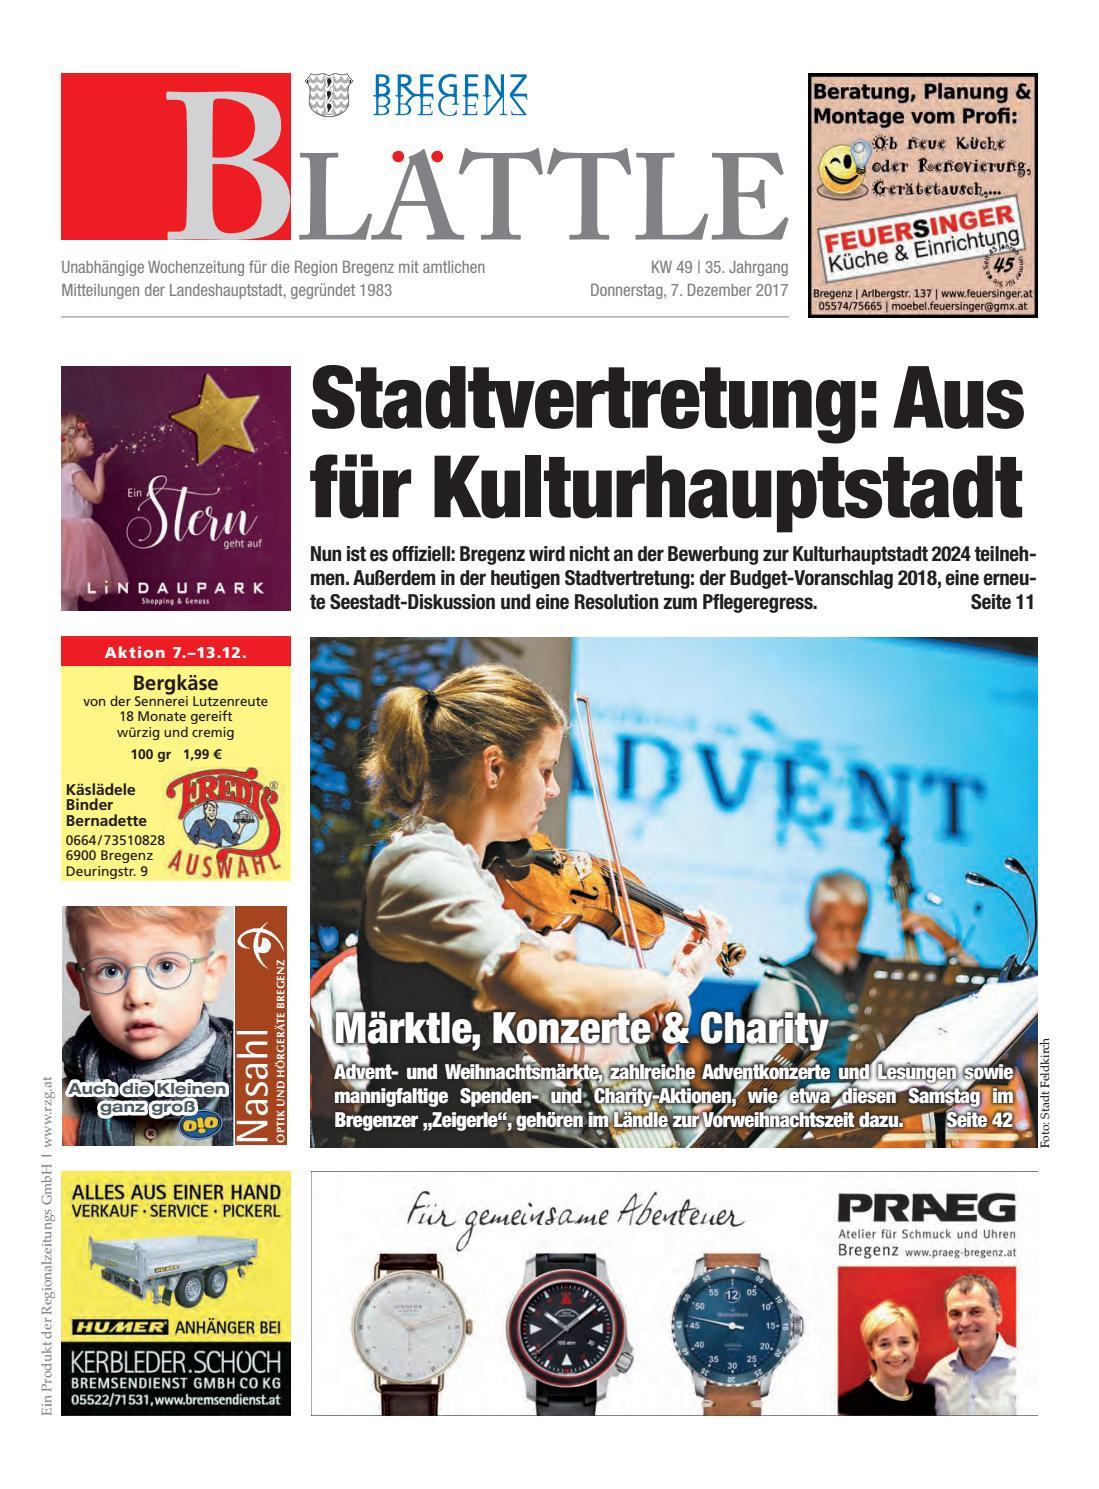 Private Massage in Bregenz - Bekanntschaften - Partnersuche